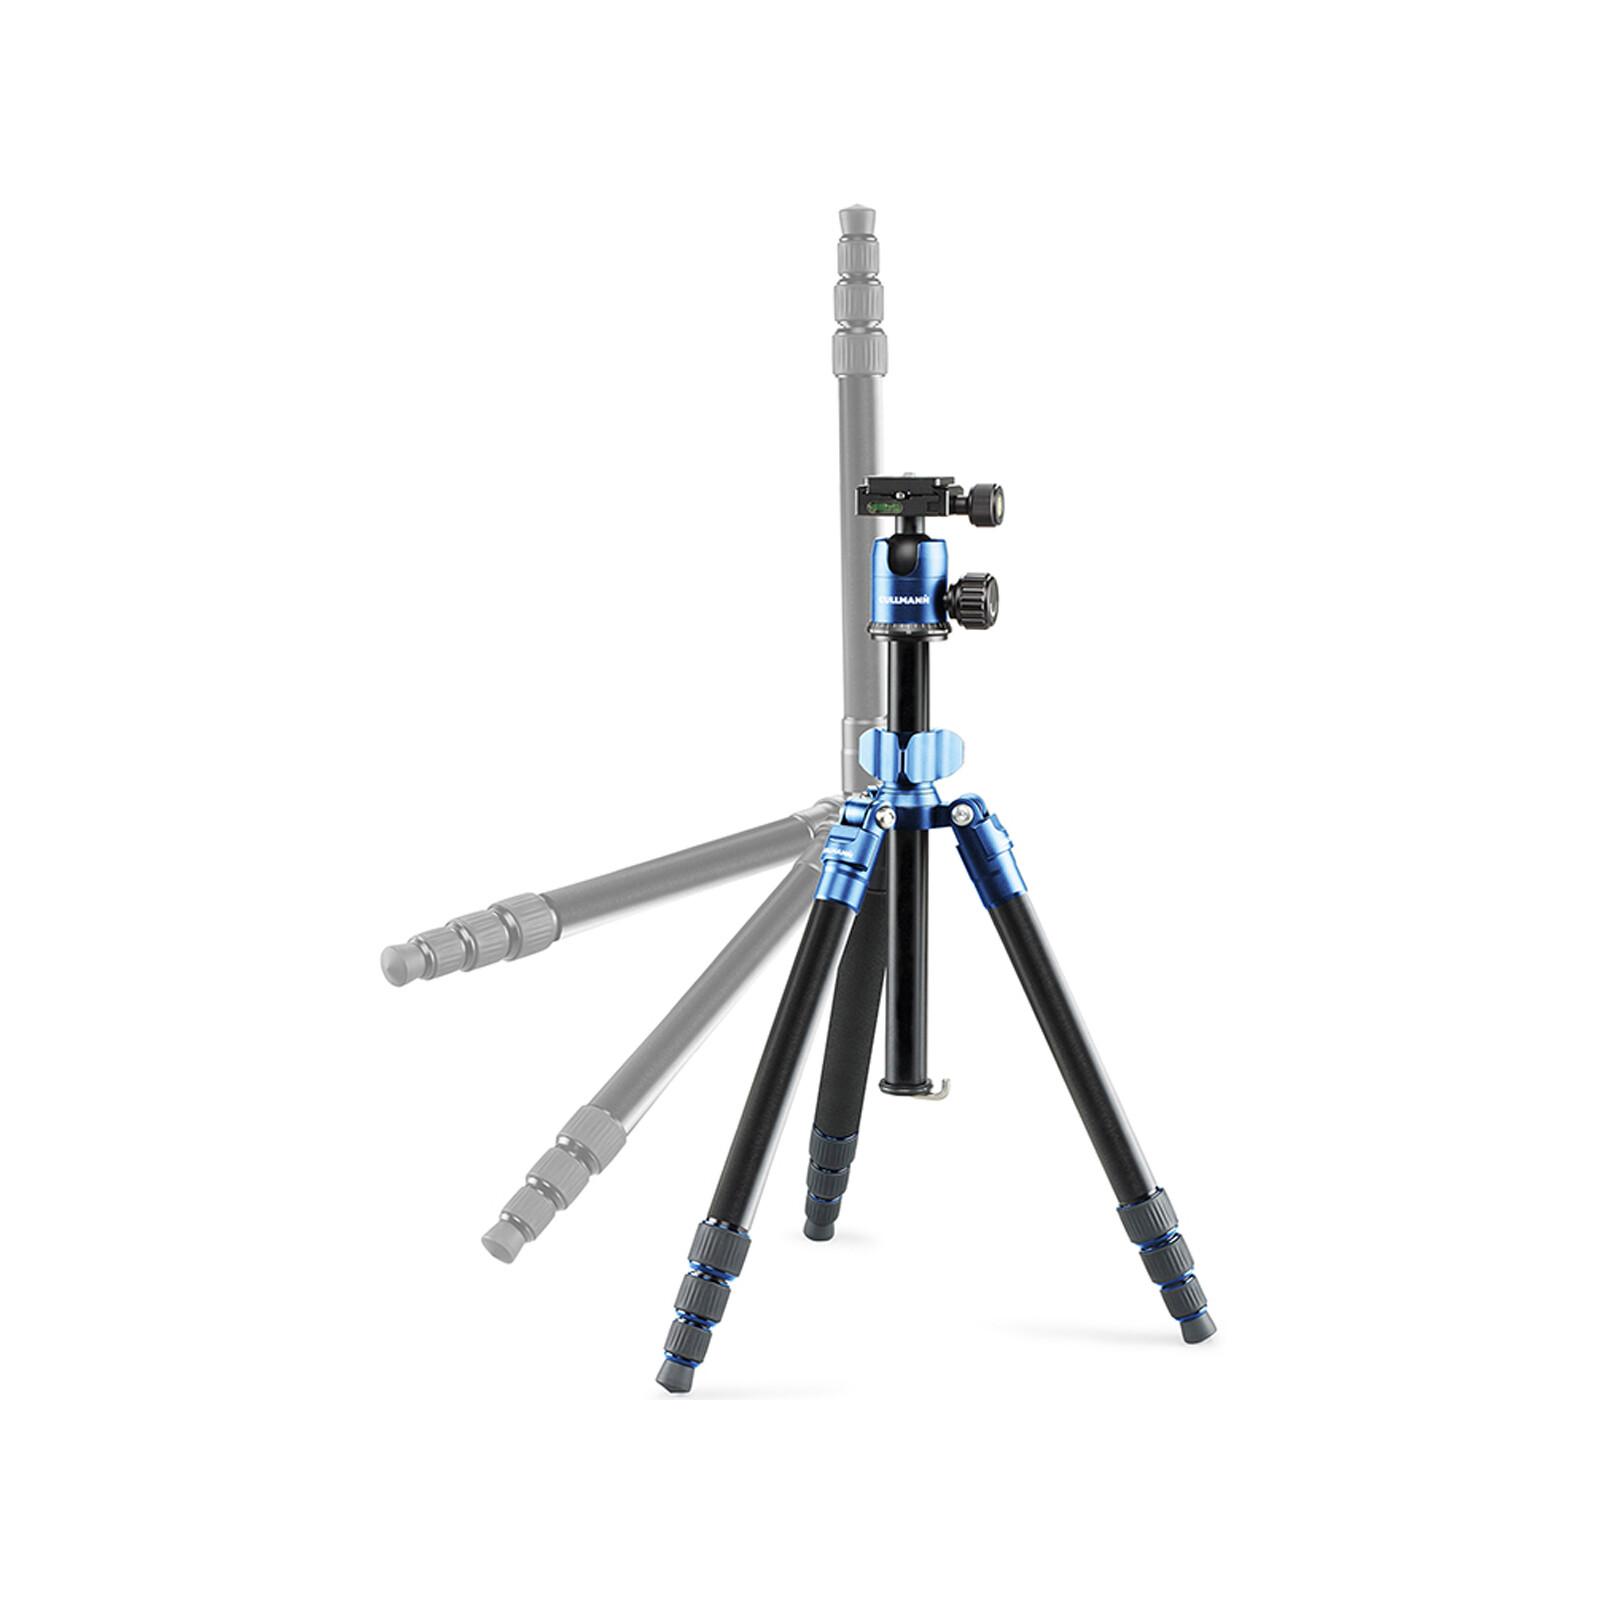 Cullmann Mundo 525M Stativ blau